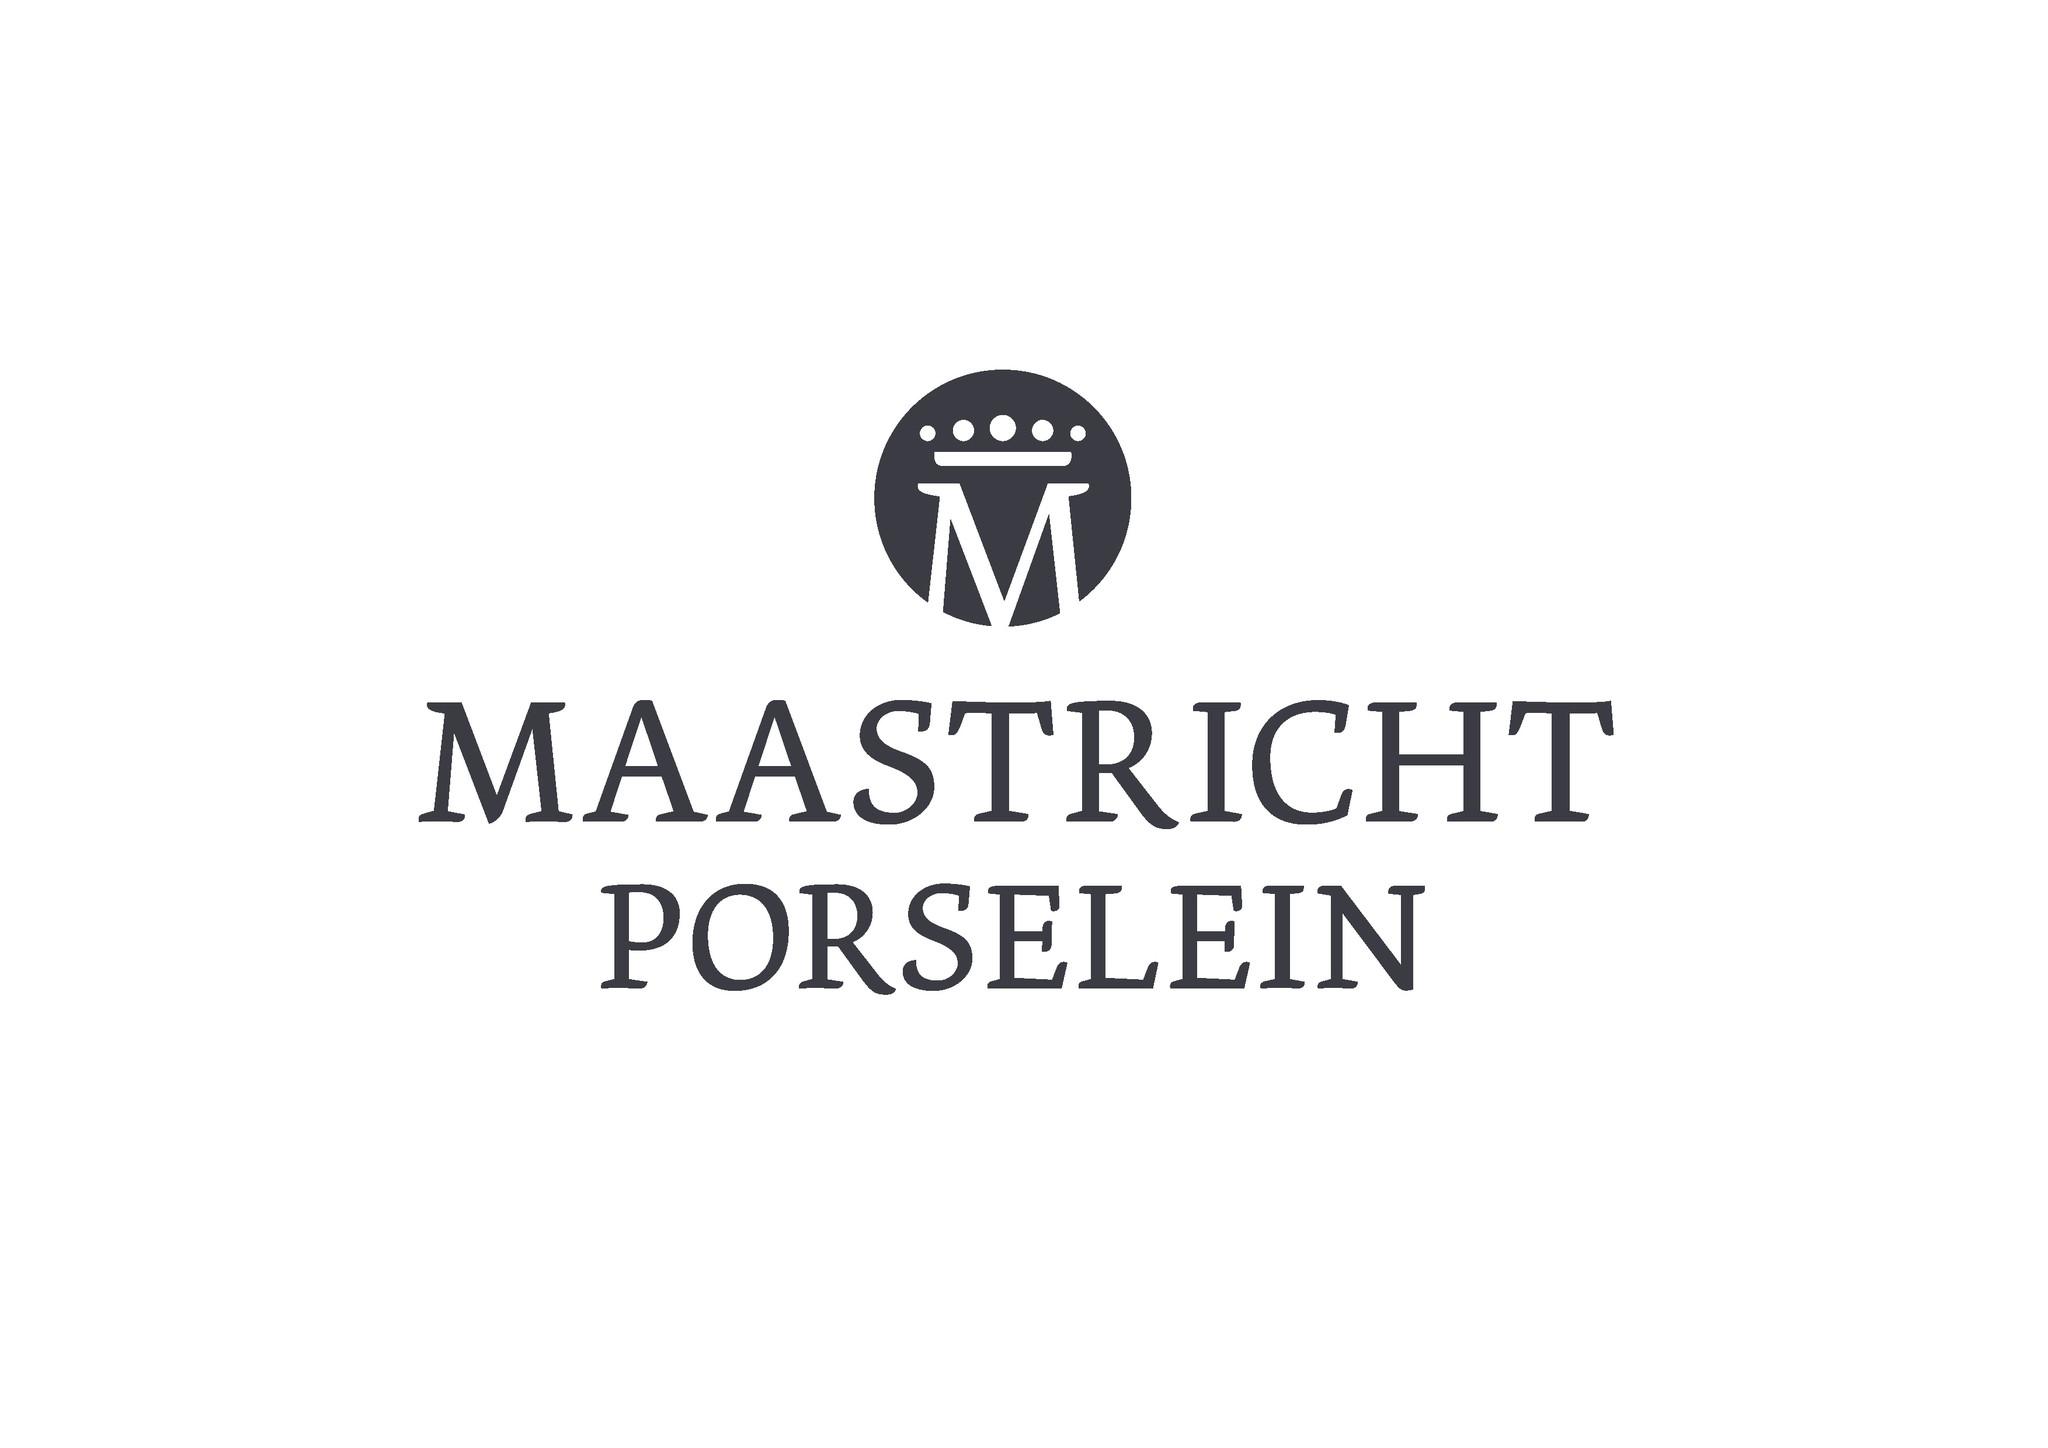 Maastricht Porselein Serviesset Maastricht porselein Universe 24 delig (6 personen)